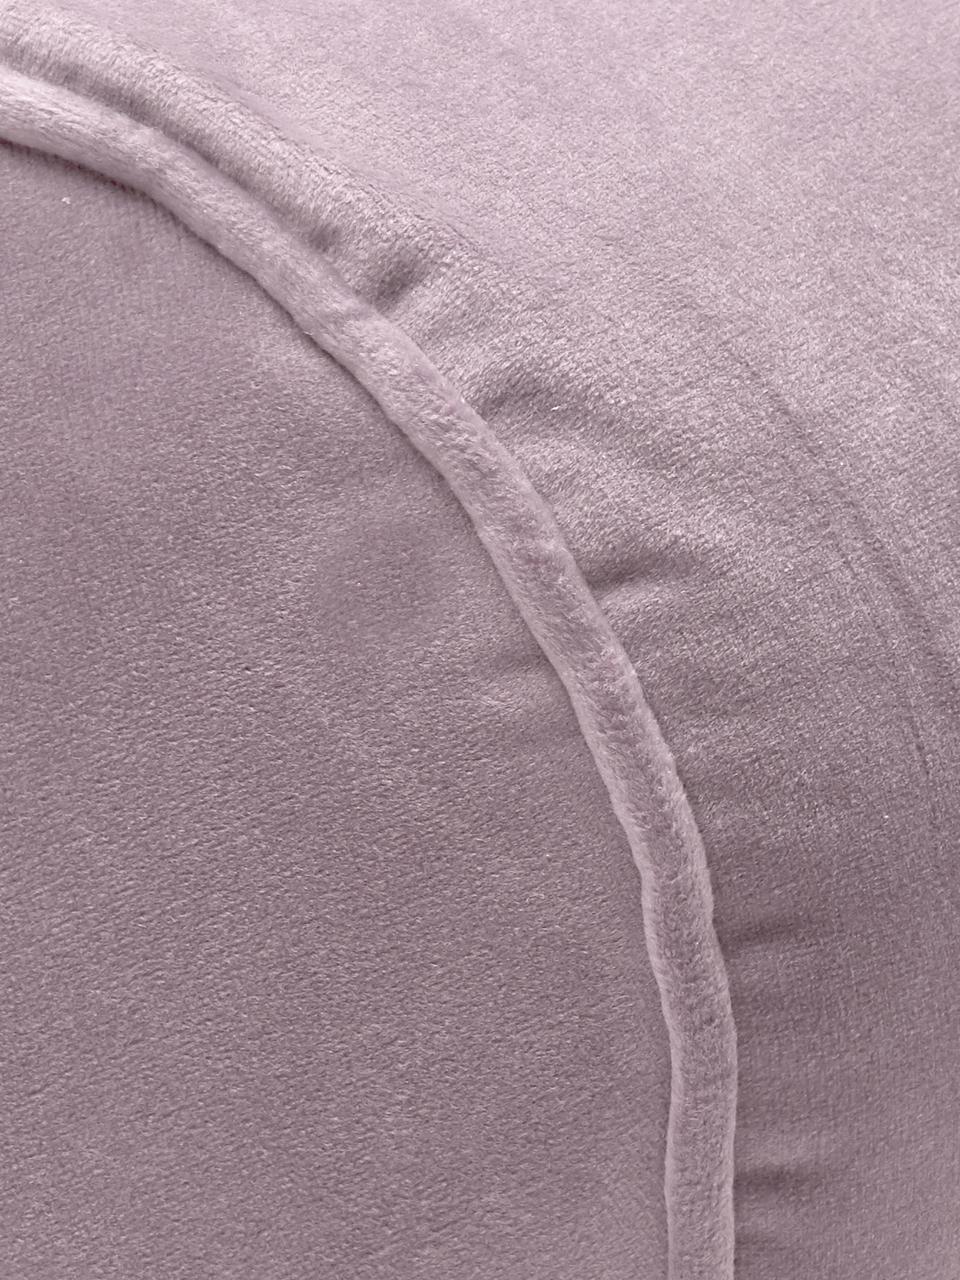 Glänzende Samt-Nackenrolle Monet in Altrosa, mit Inlett, Bezug: 100% Polyestersamt, Altrosa, Ø 18 x L 50 cm